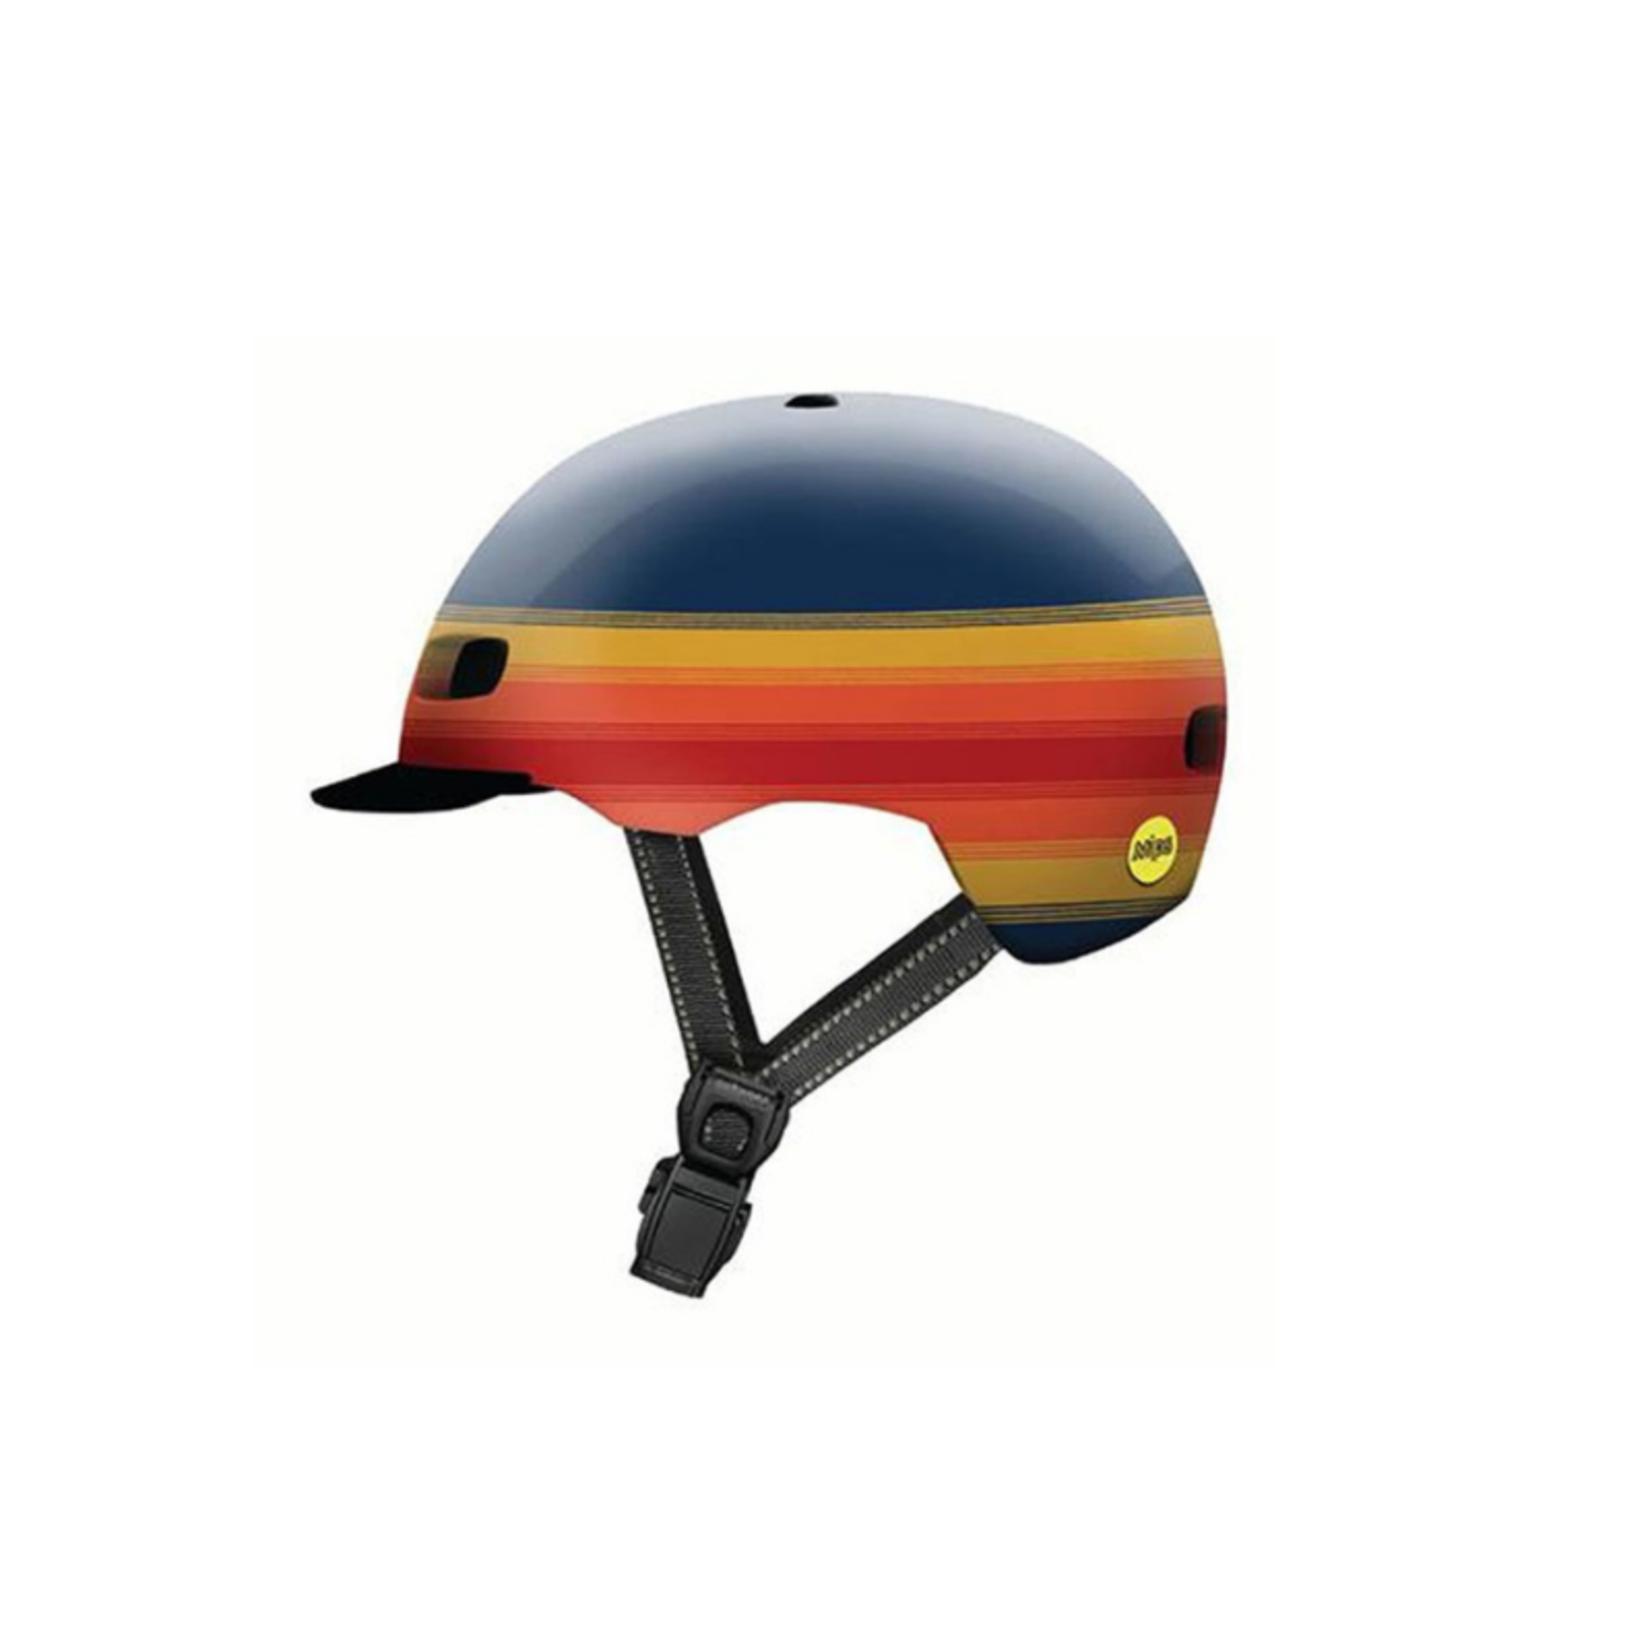 Nutcase Nutcase Street Helmet